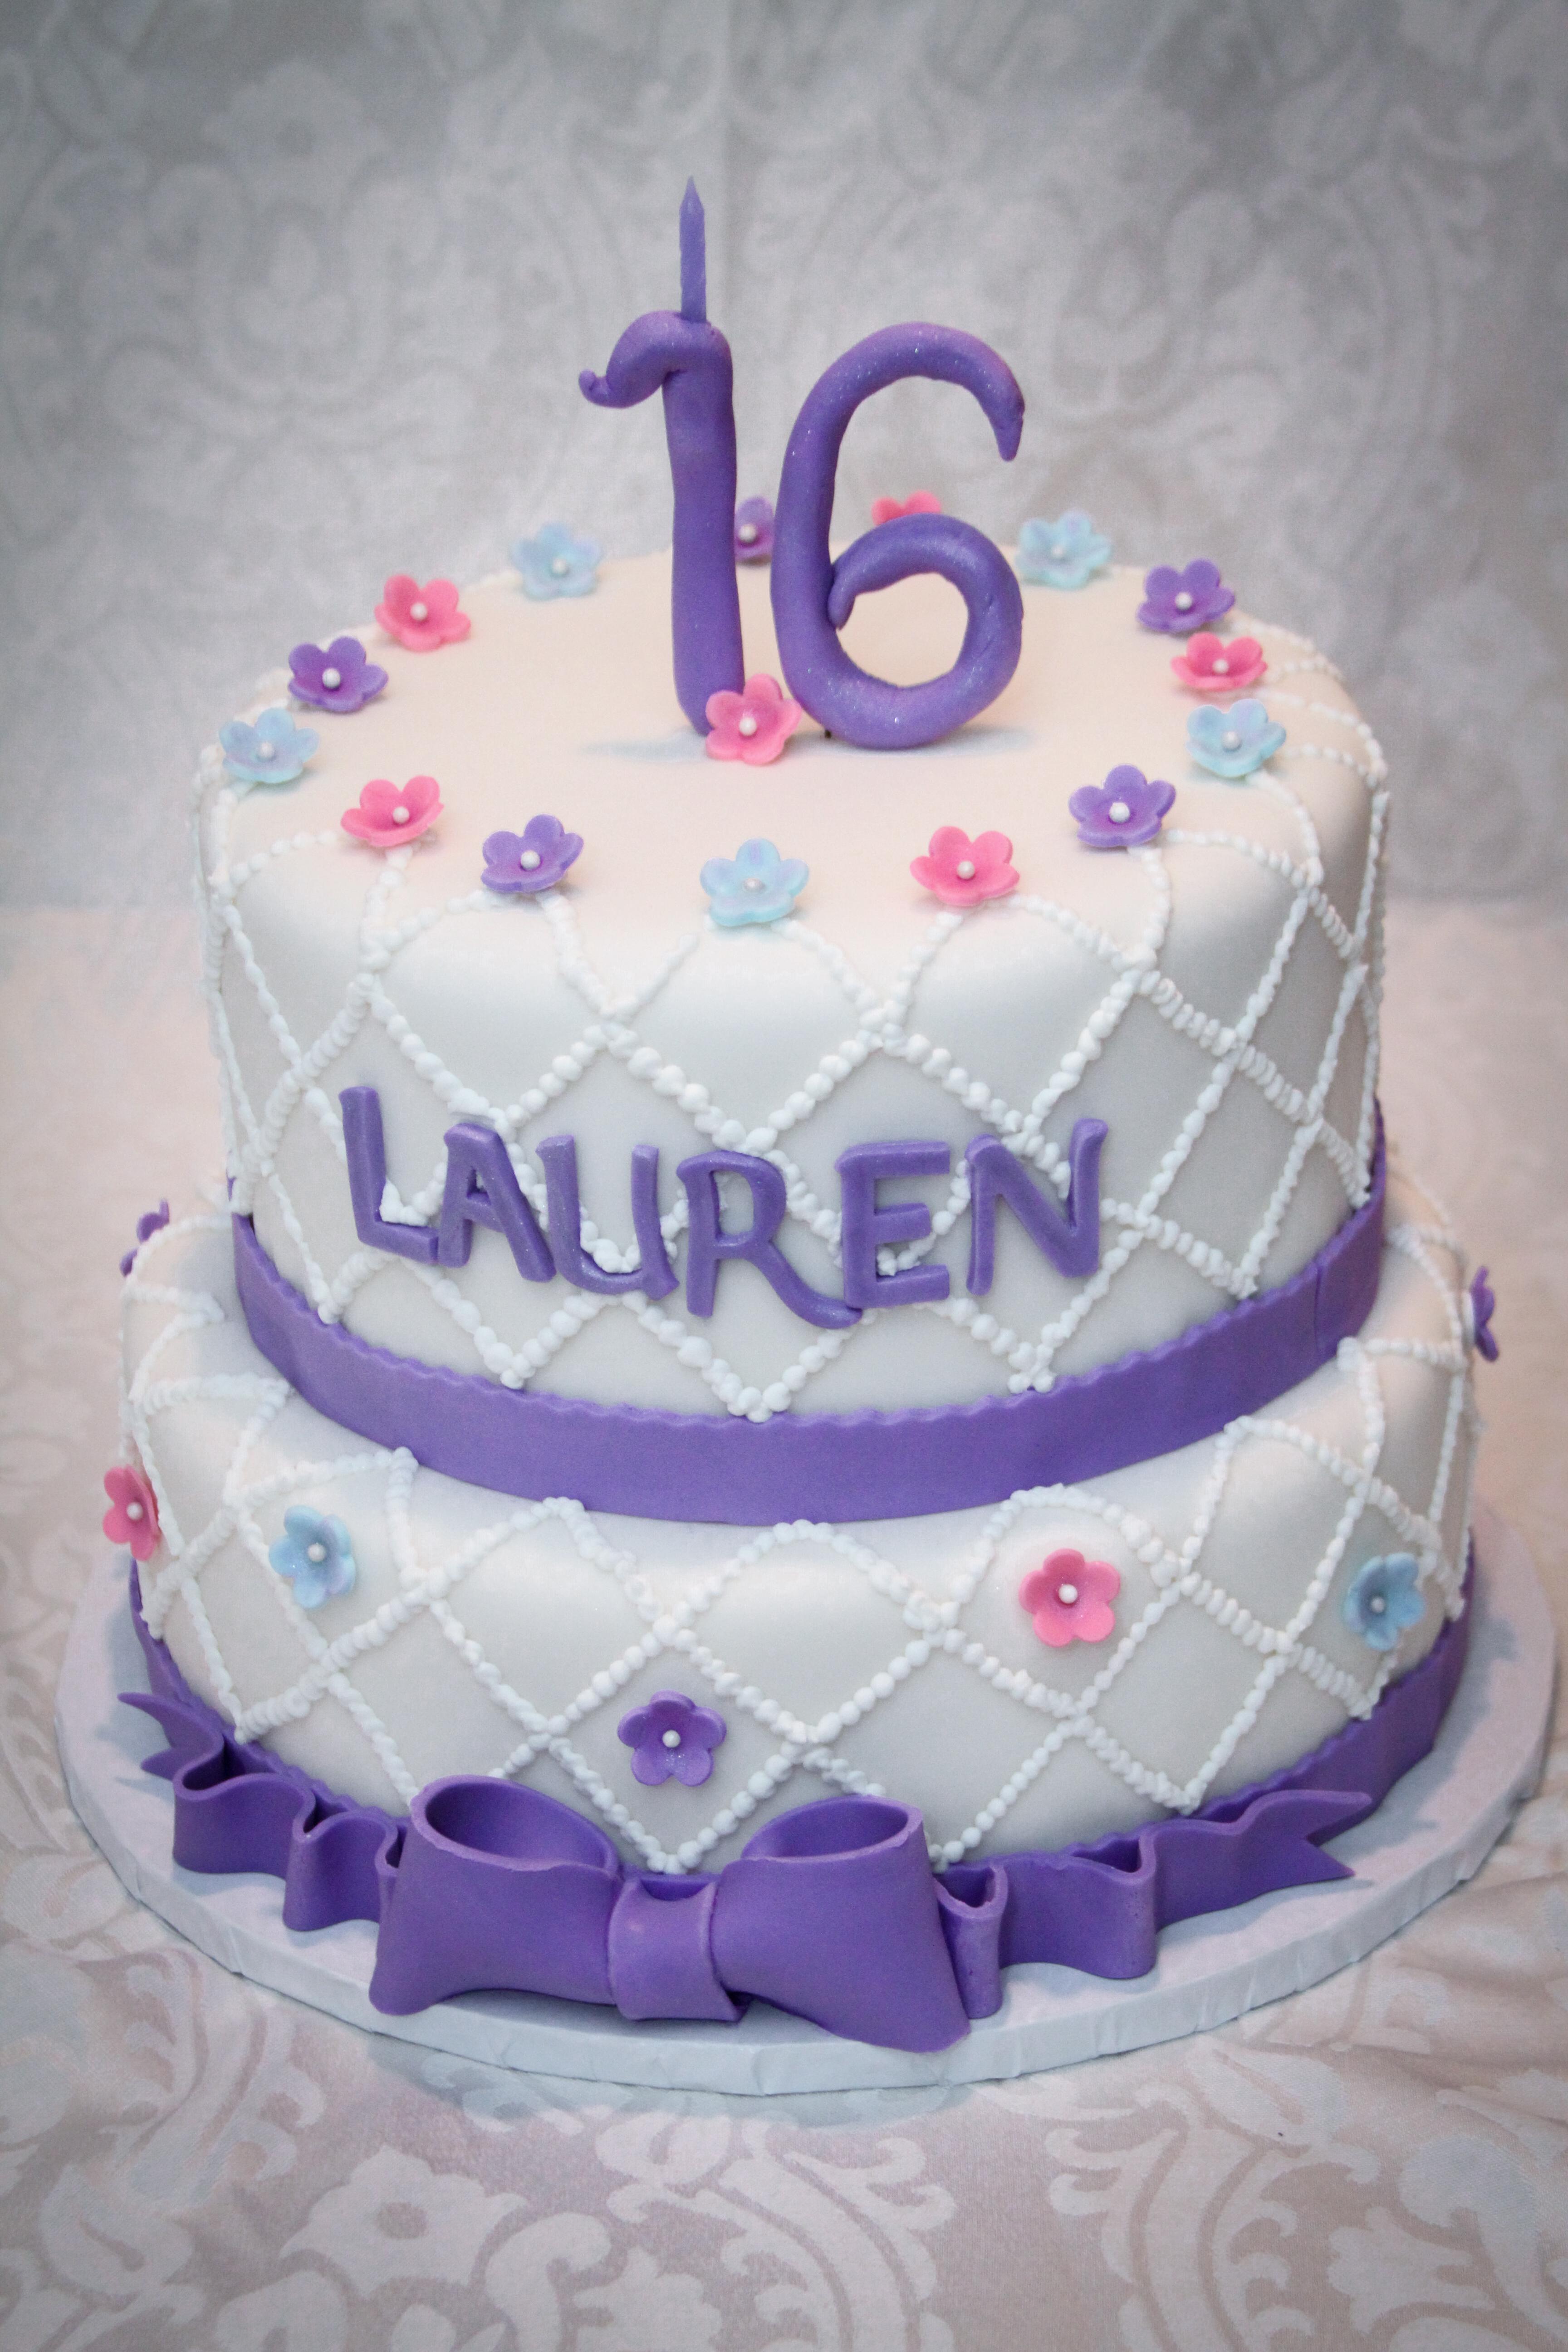 Lauren's Sweet 16 Cake